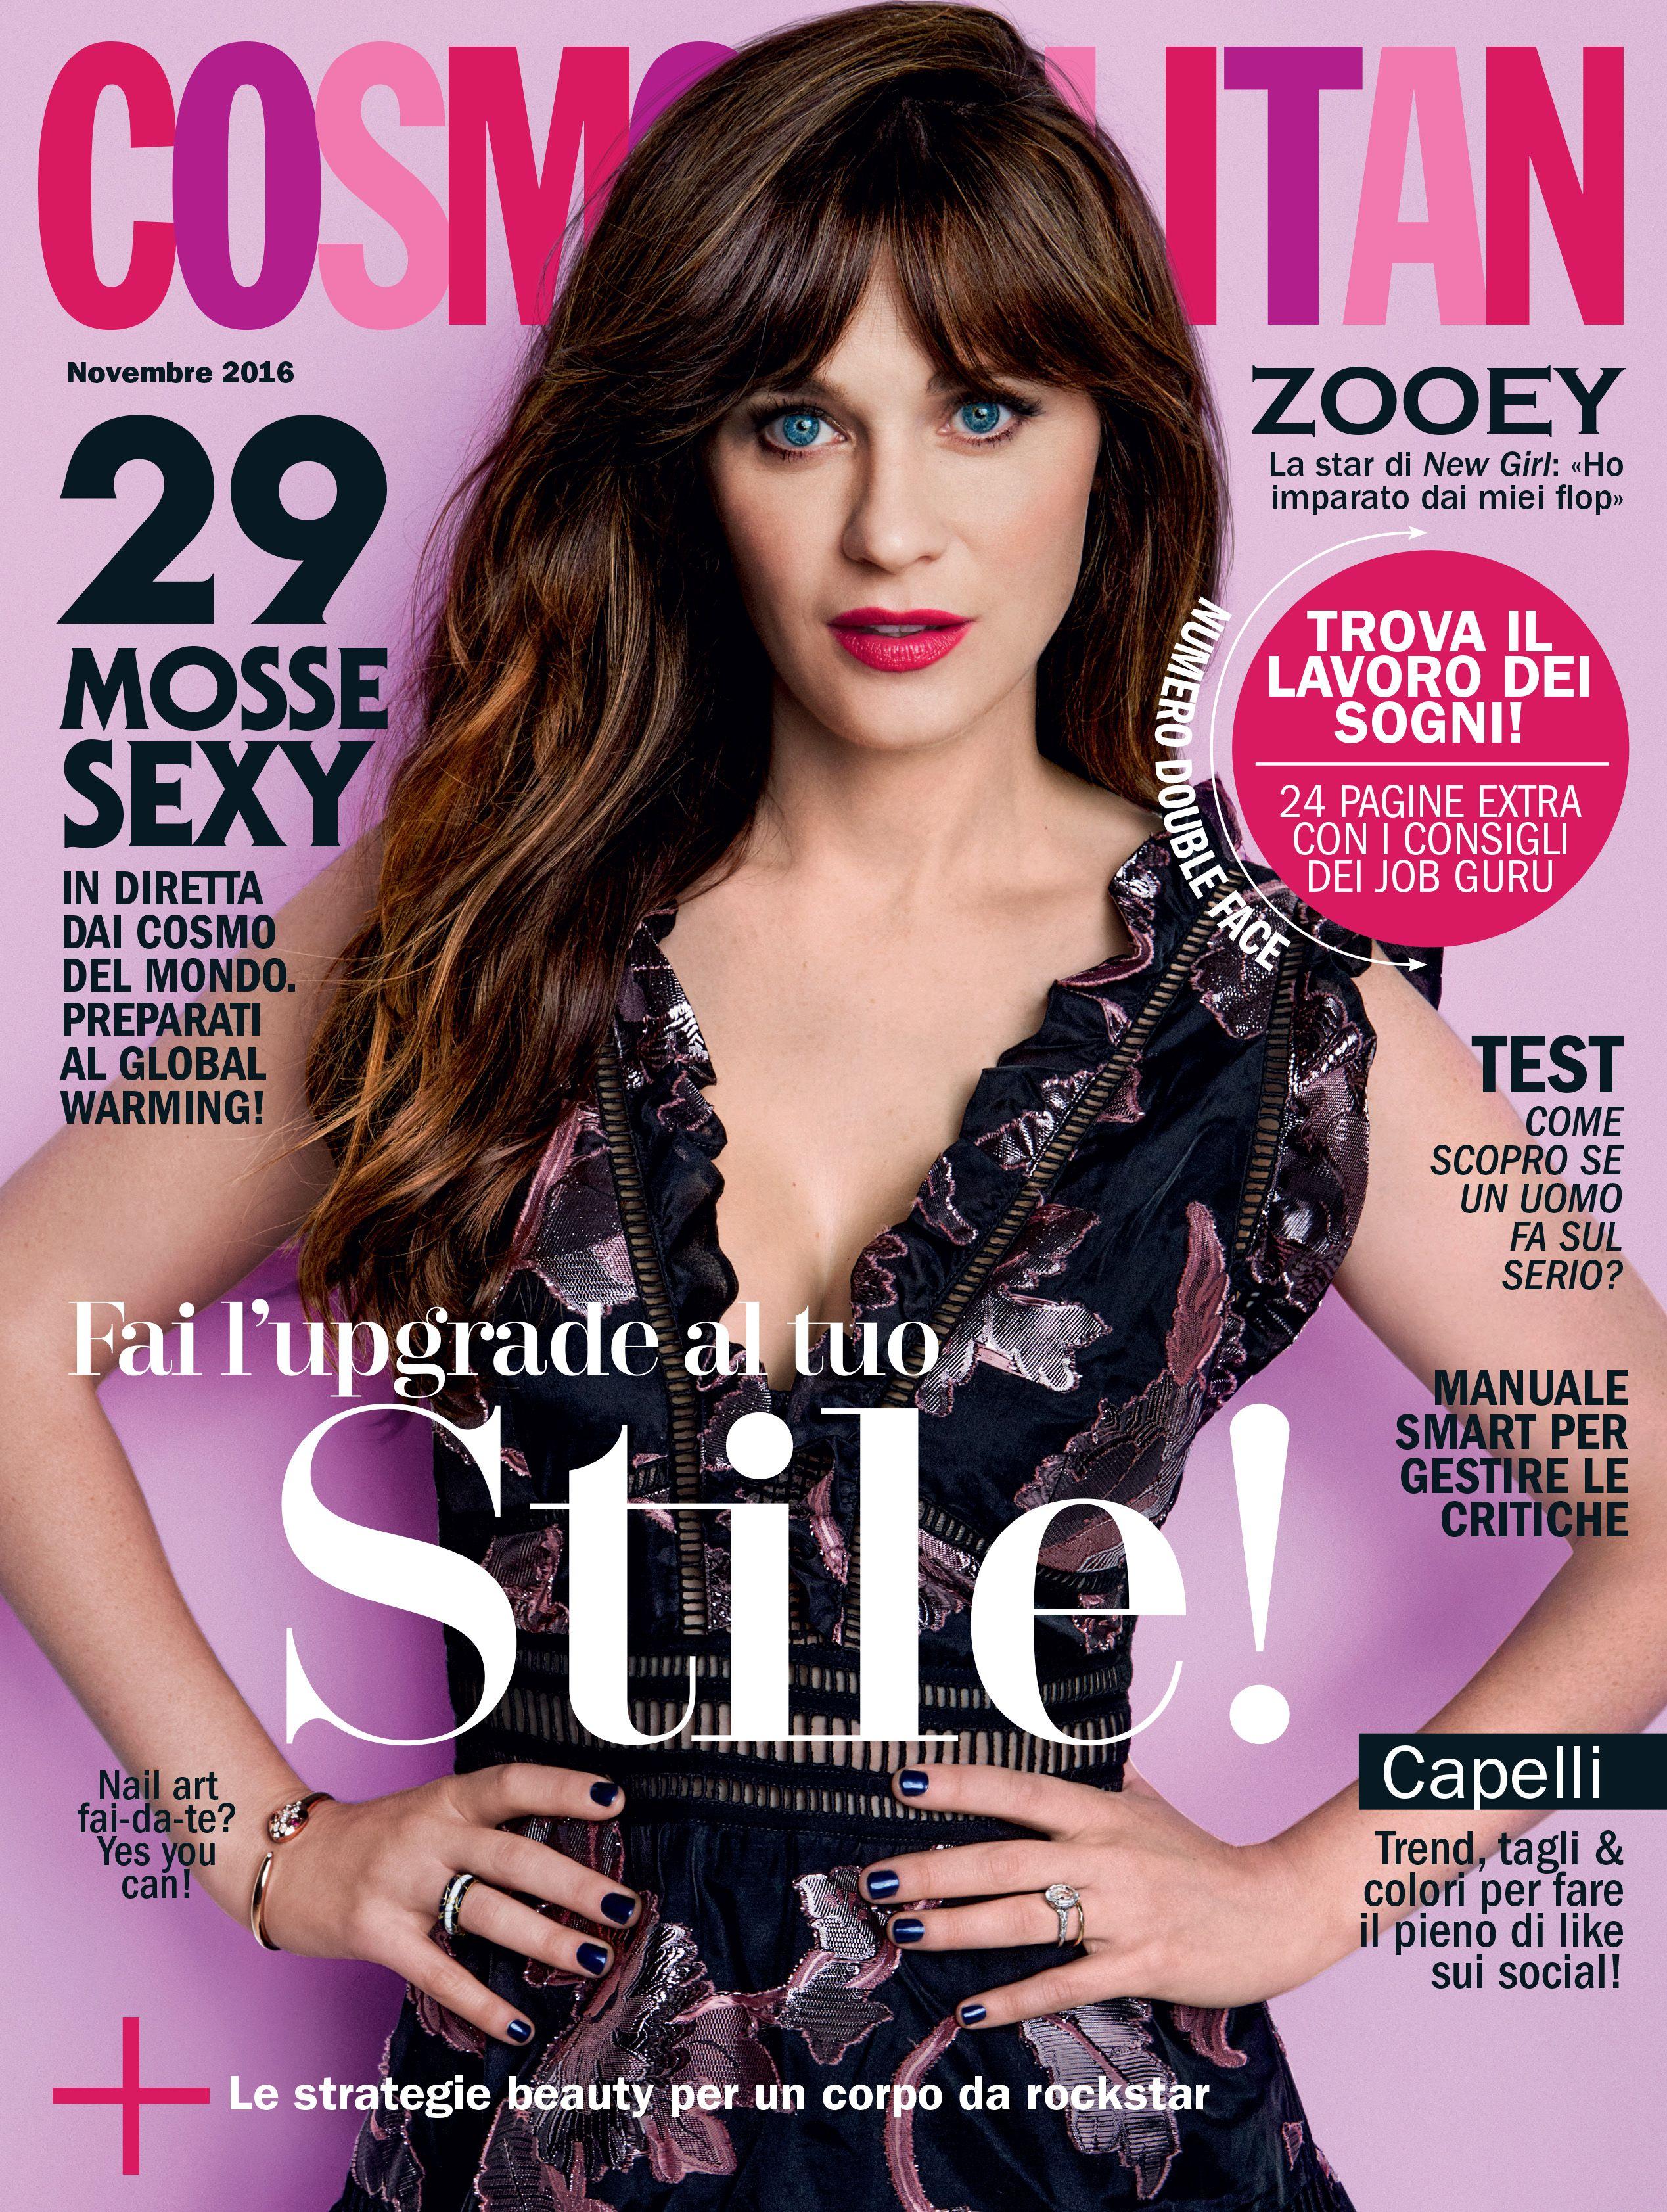 La cover star del numero di novembre 2016 di cosmopolitan zooey la cover star del numero di novembre 2016 di cosmopolitan zooey deschanel saremo fandeluxe Choice Image